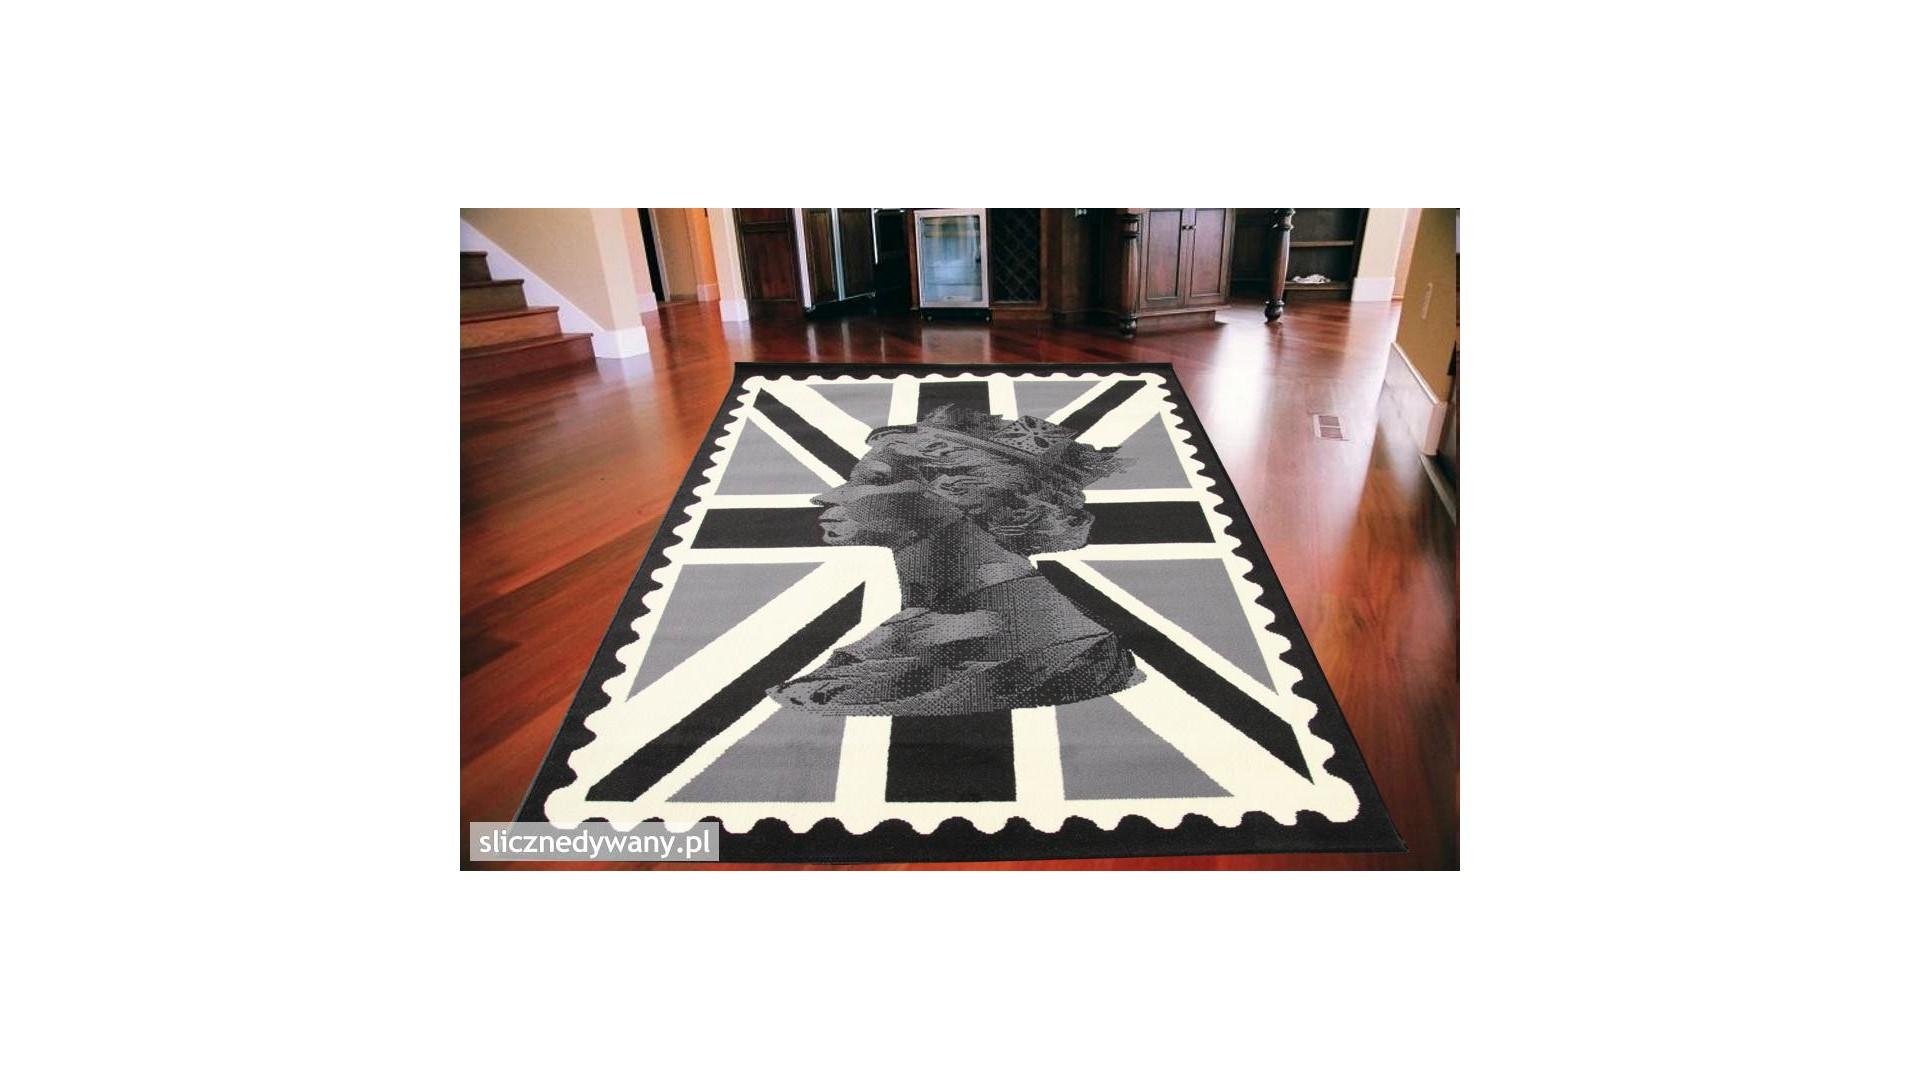 Modny dywan z Królową Elżbietą na tle flagi.